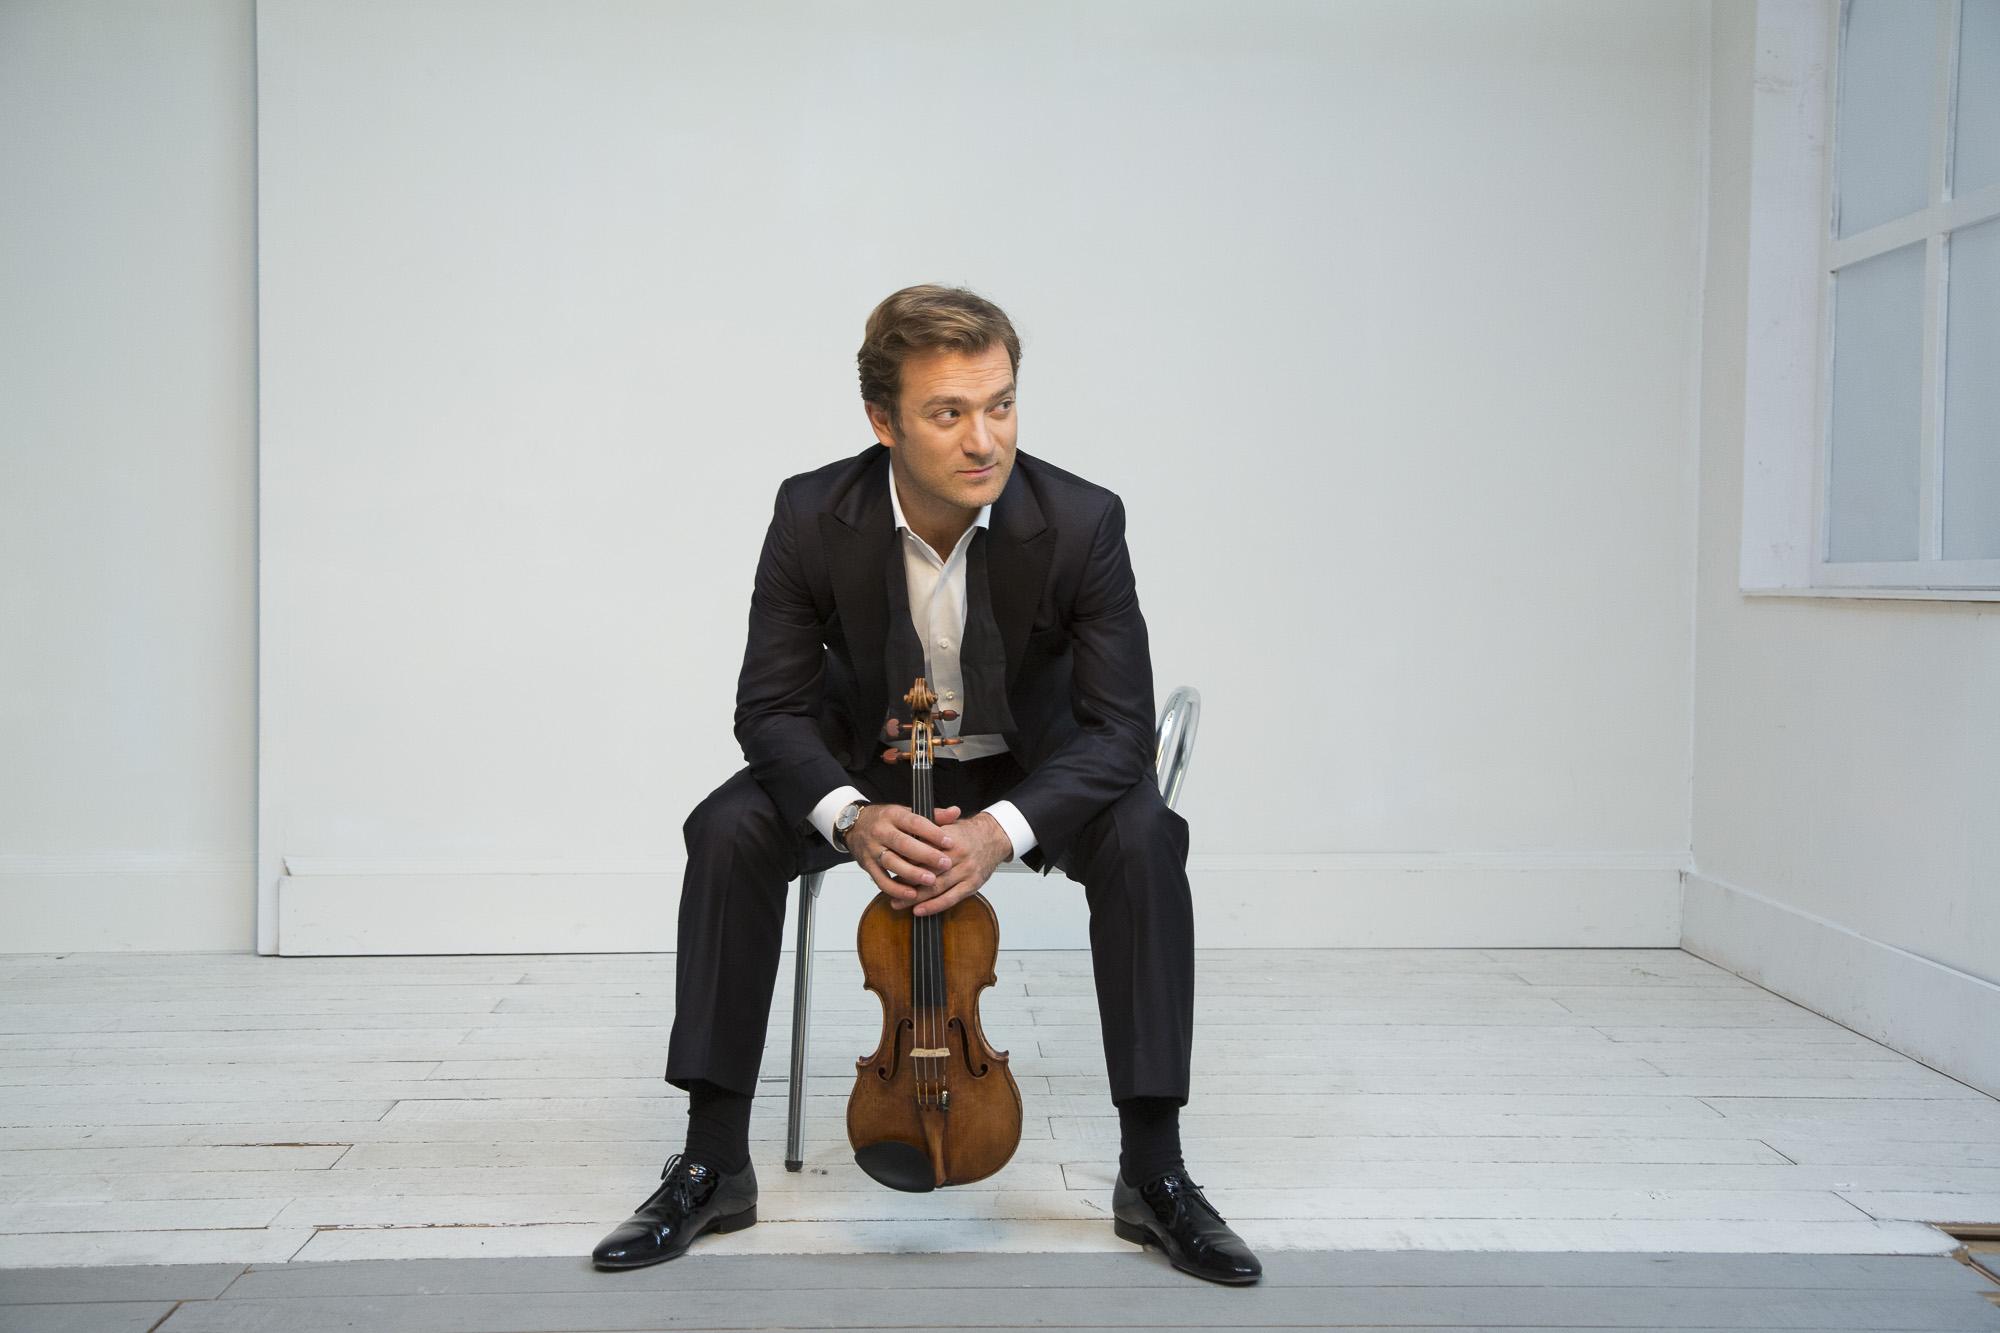 Renaud Capuçon, Stéphane Denève & le Brussels Philharmonic